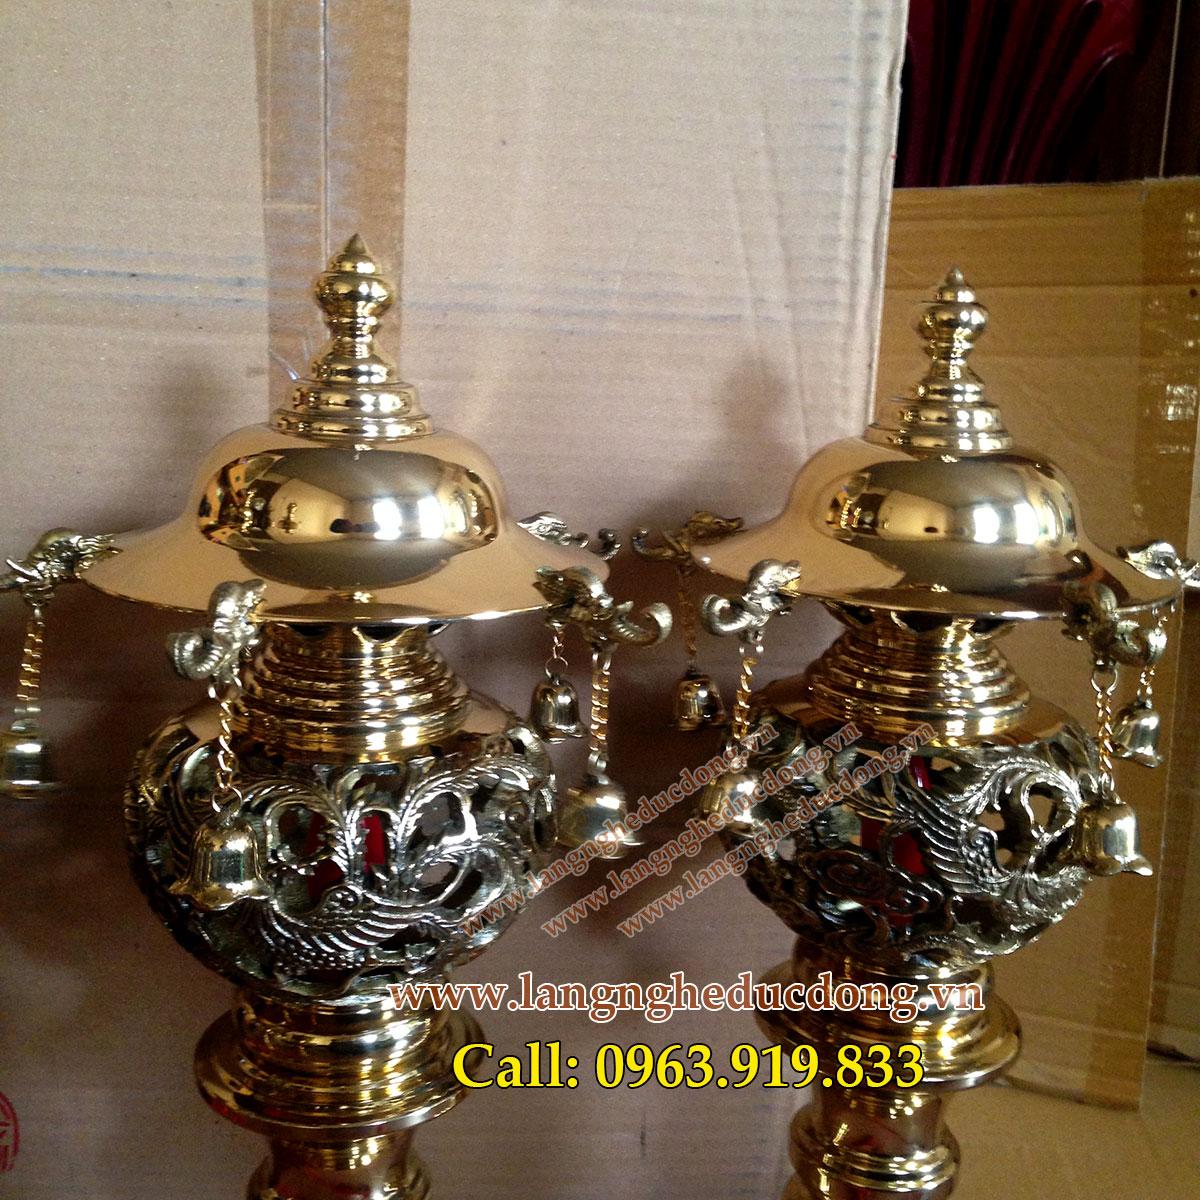 langngheducdong.vn - Đèn thờ long phụng, đèn điện bằng đồng